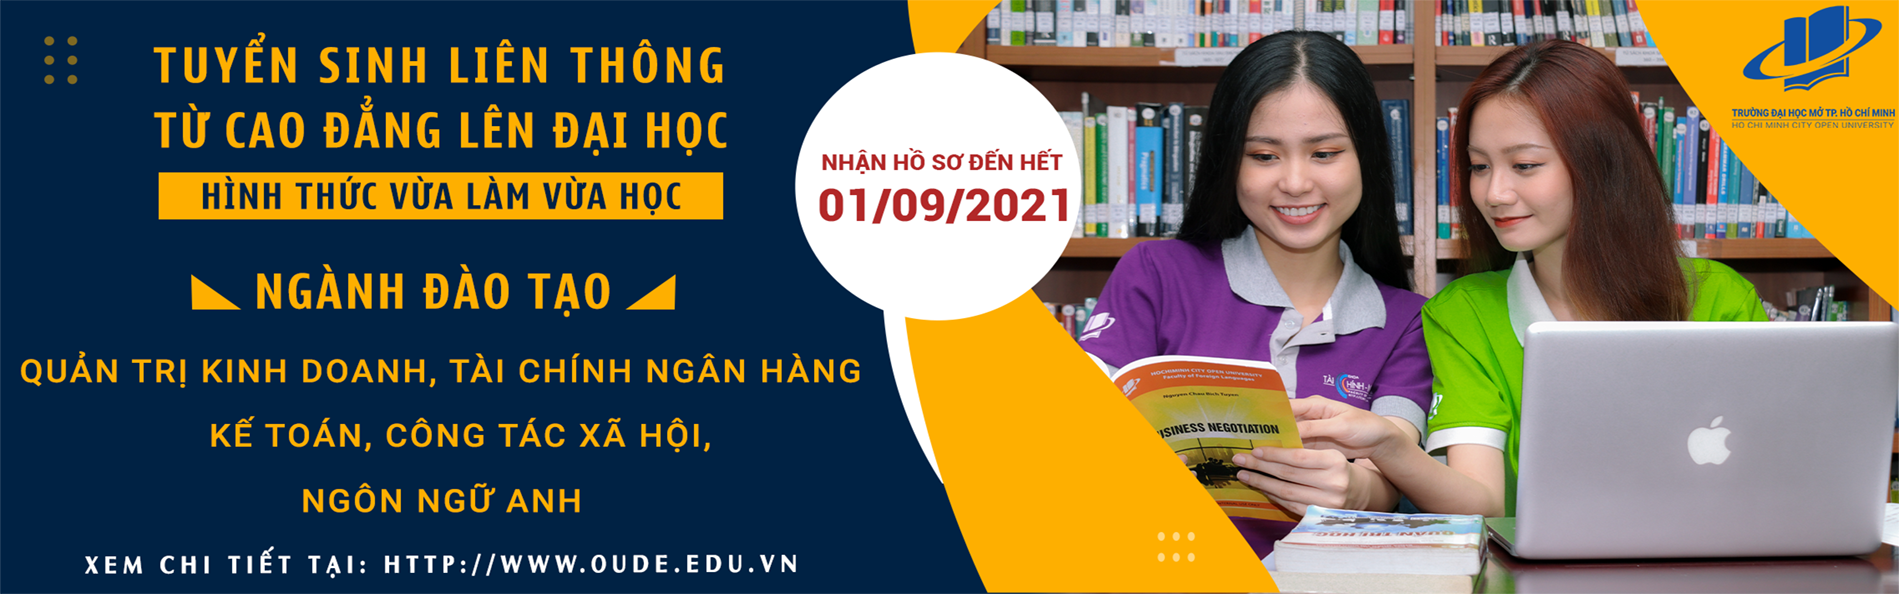 Vừa làm vừa học - liên thông từ Cao đẳng lên Đại học - 2021-03